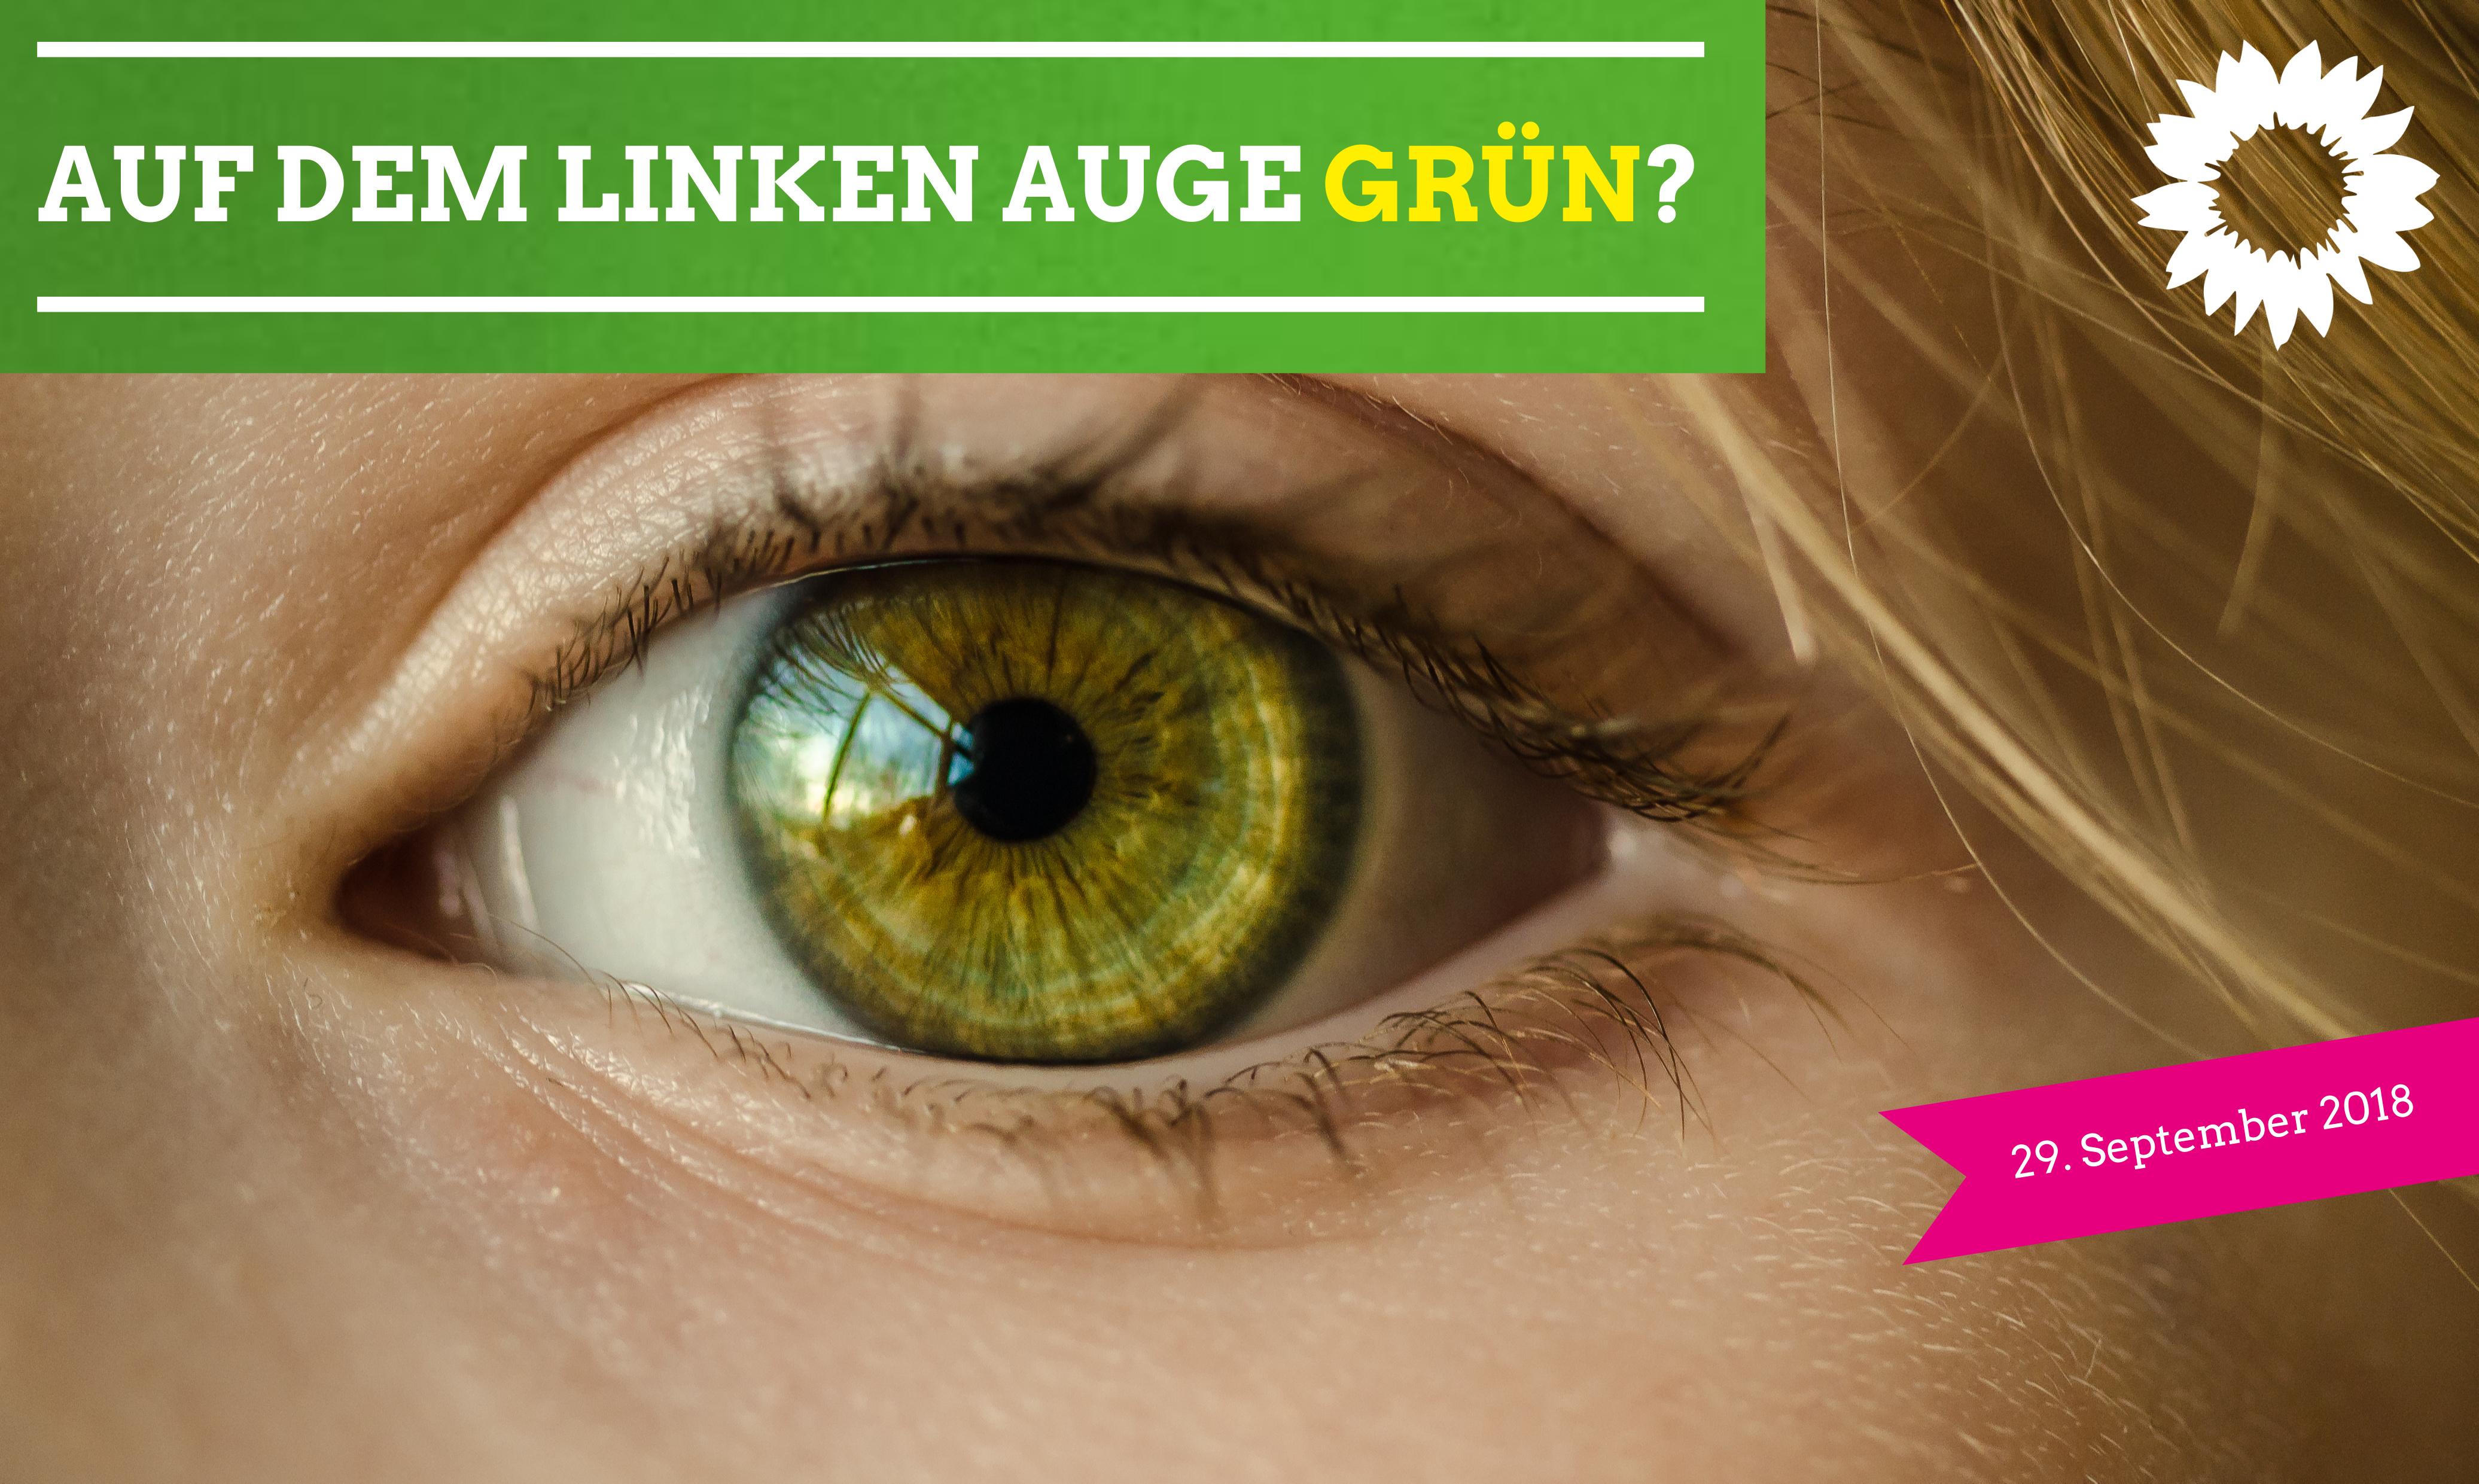 Grüne Frauenkonferenz 2018 - Komm vorbei, bestimme mit, gestalte! @ Stadtteilbüro Brühl | Chemnitz | Sachsen | Deutschland